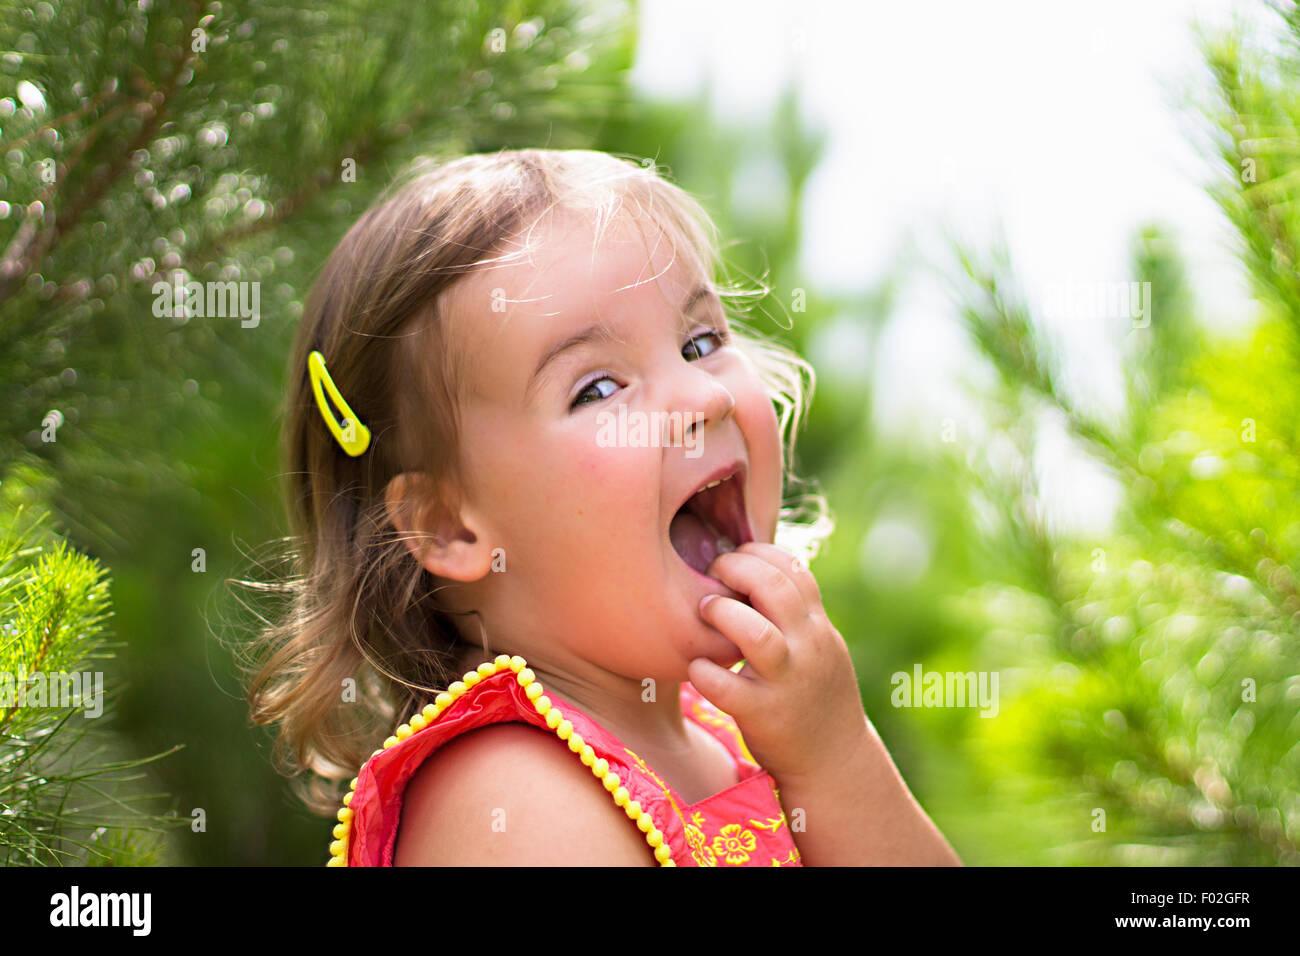 La ragazza con la mano sulla faccia ridere Immagini Stock